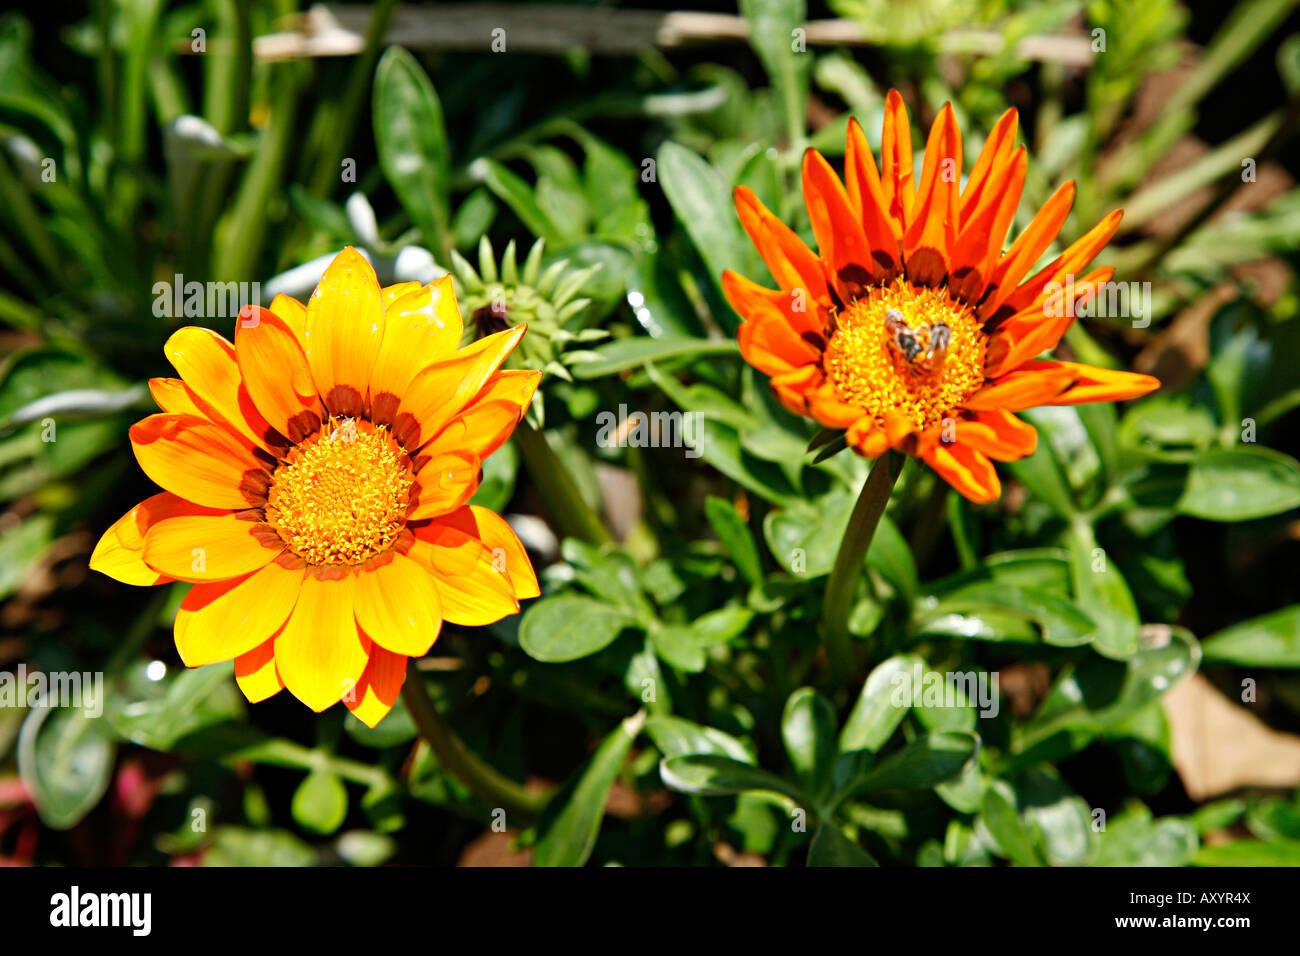 Gazania Family Asteraceae Stock Photos Gazania Family Asteraceae